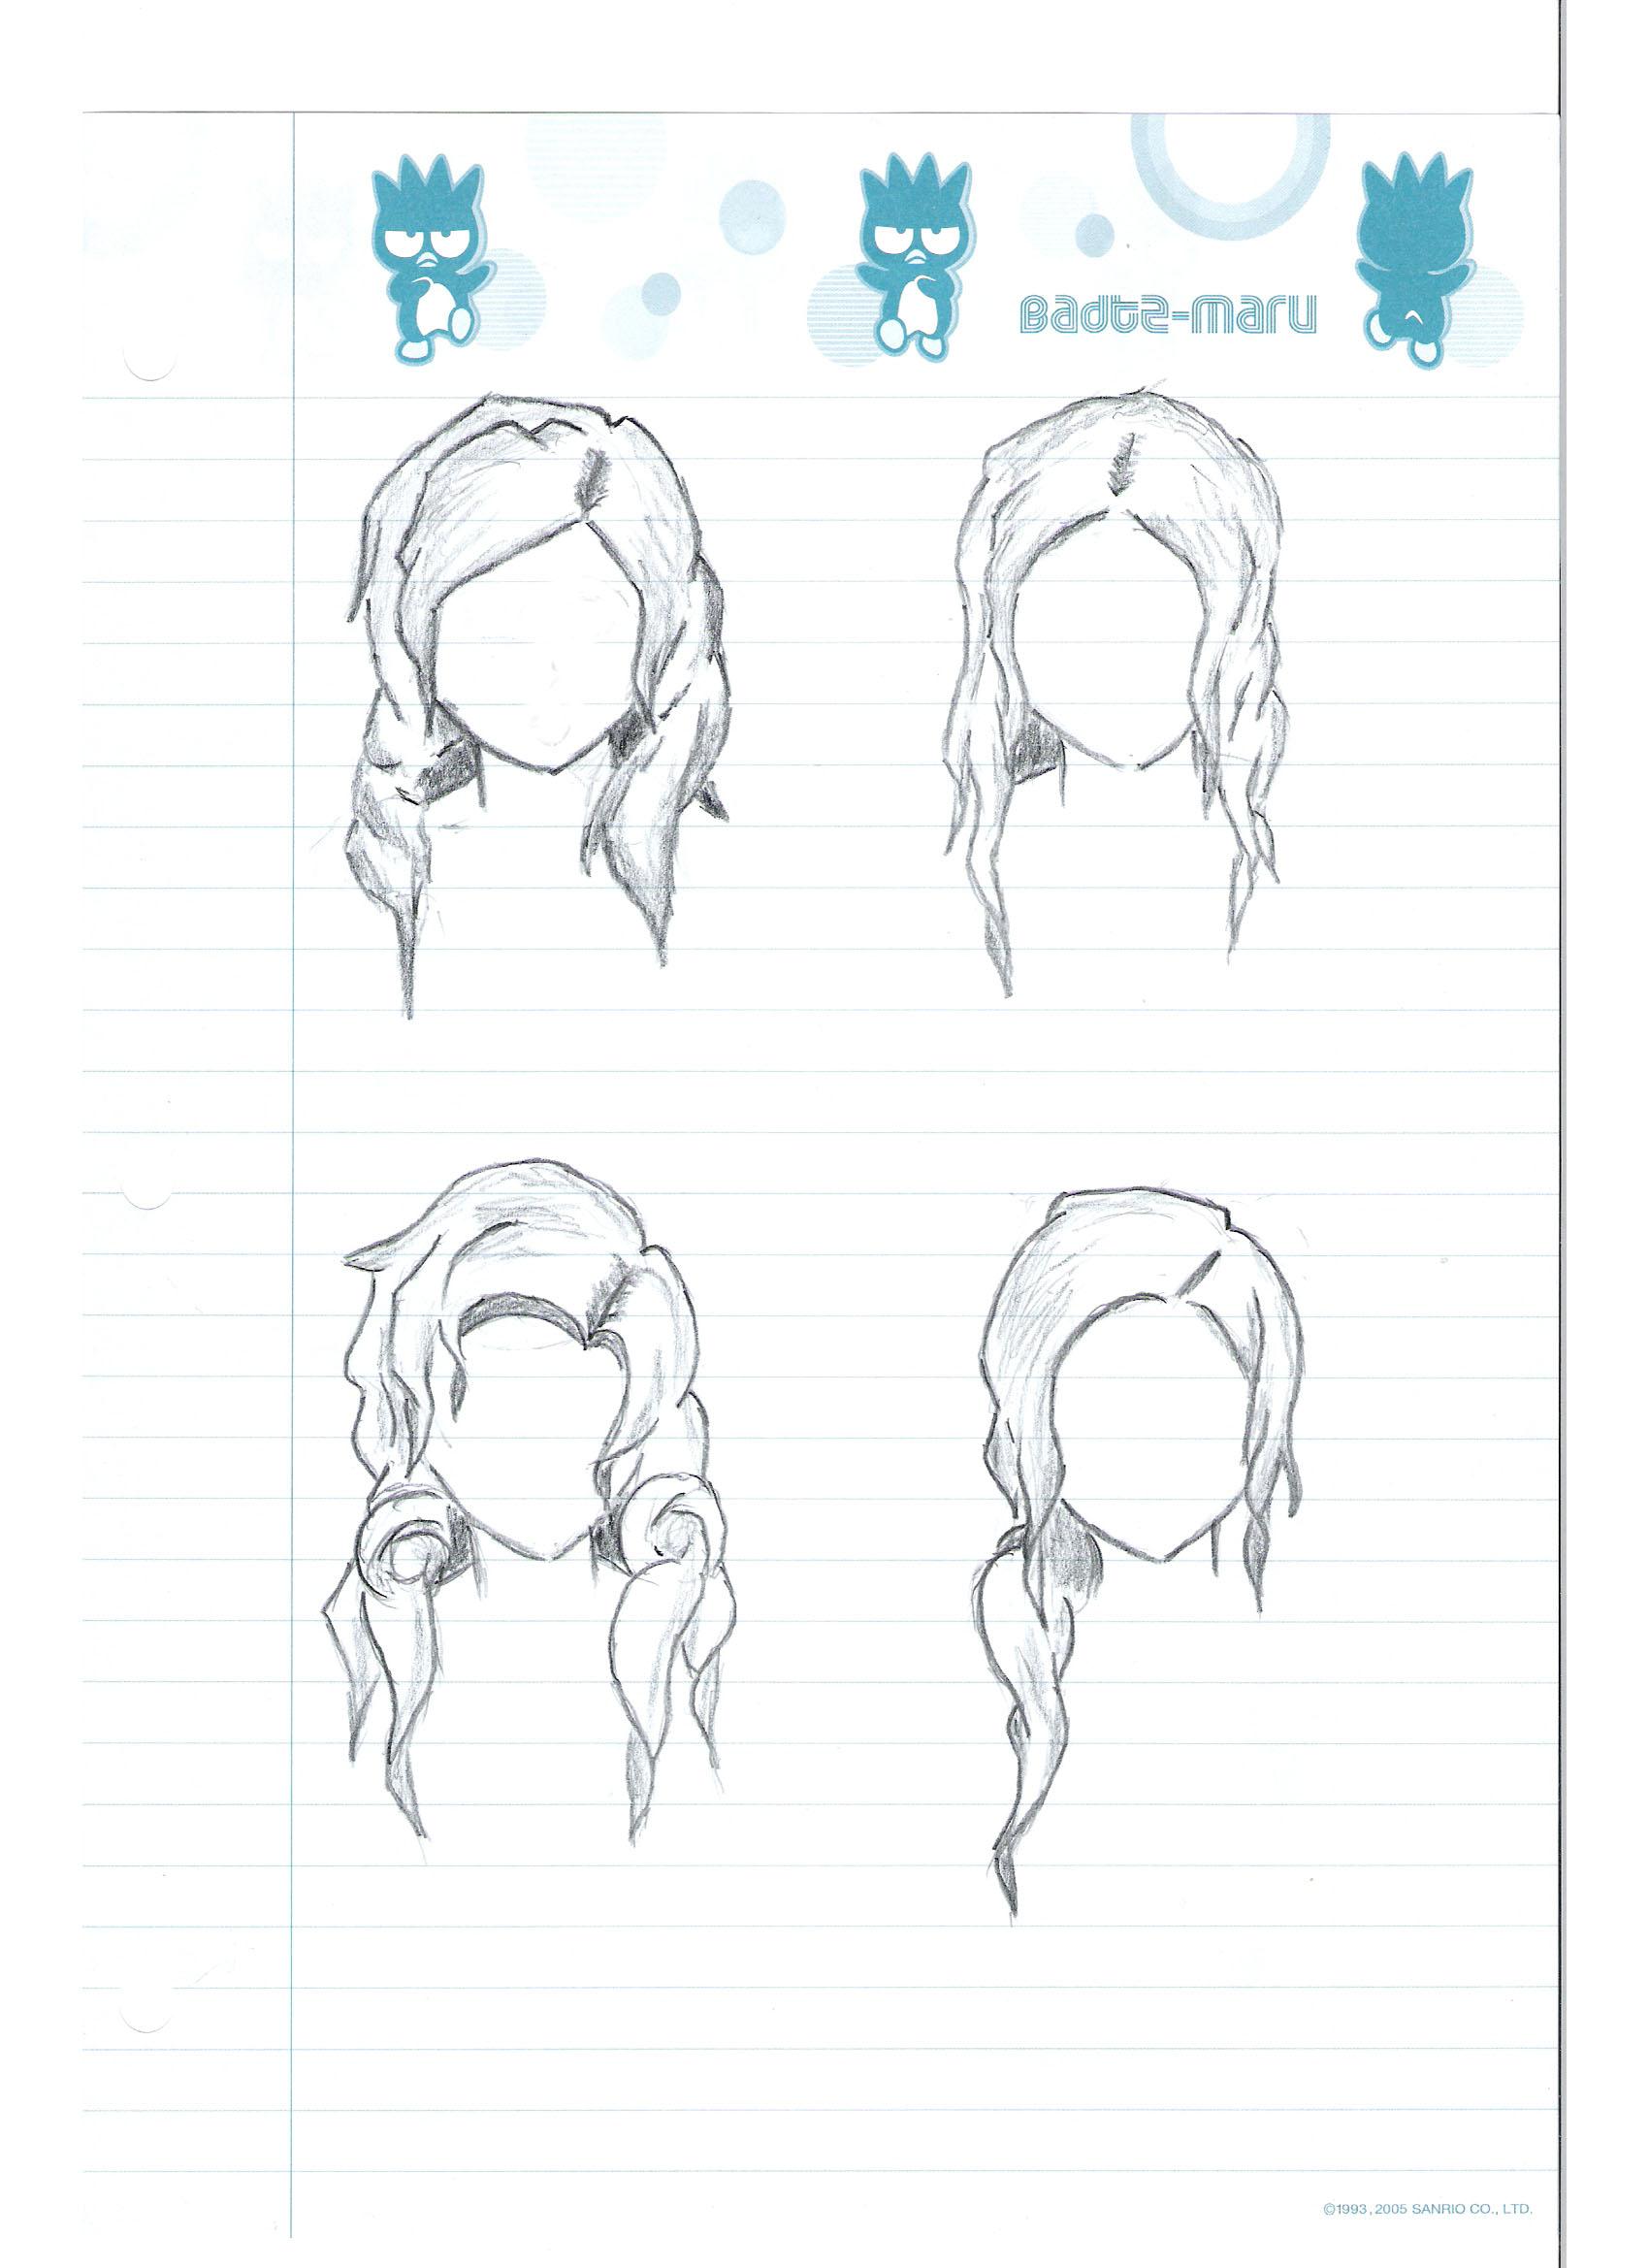 Manga Hair Template 1 by kevin-ke on DeviantArt